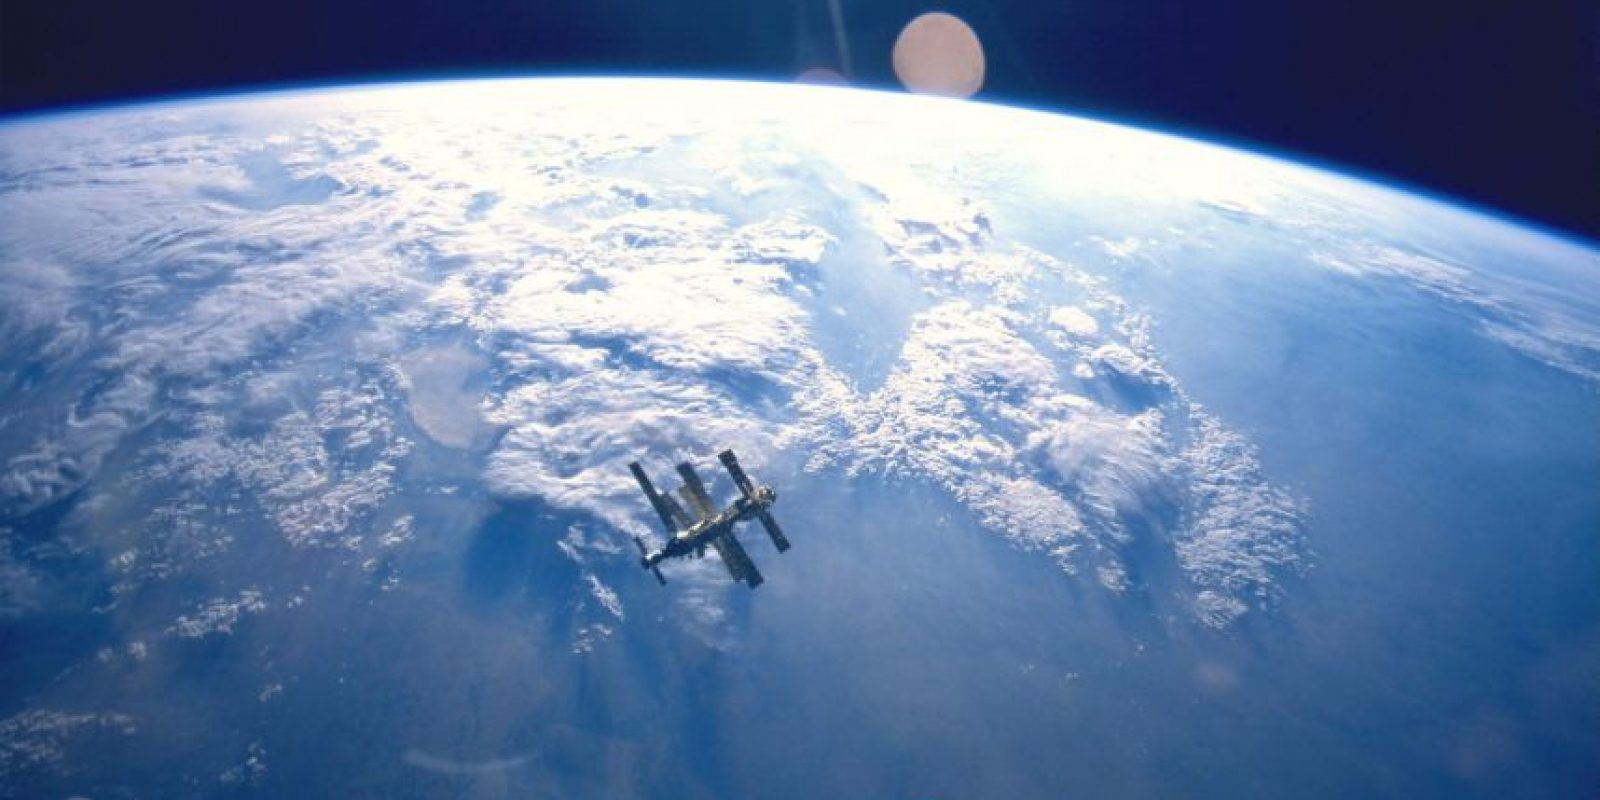 La búsqueda de vida extraterreste, una constante incógnita para el ser humano Foto:Getty Images